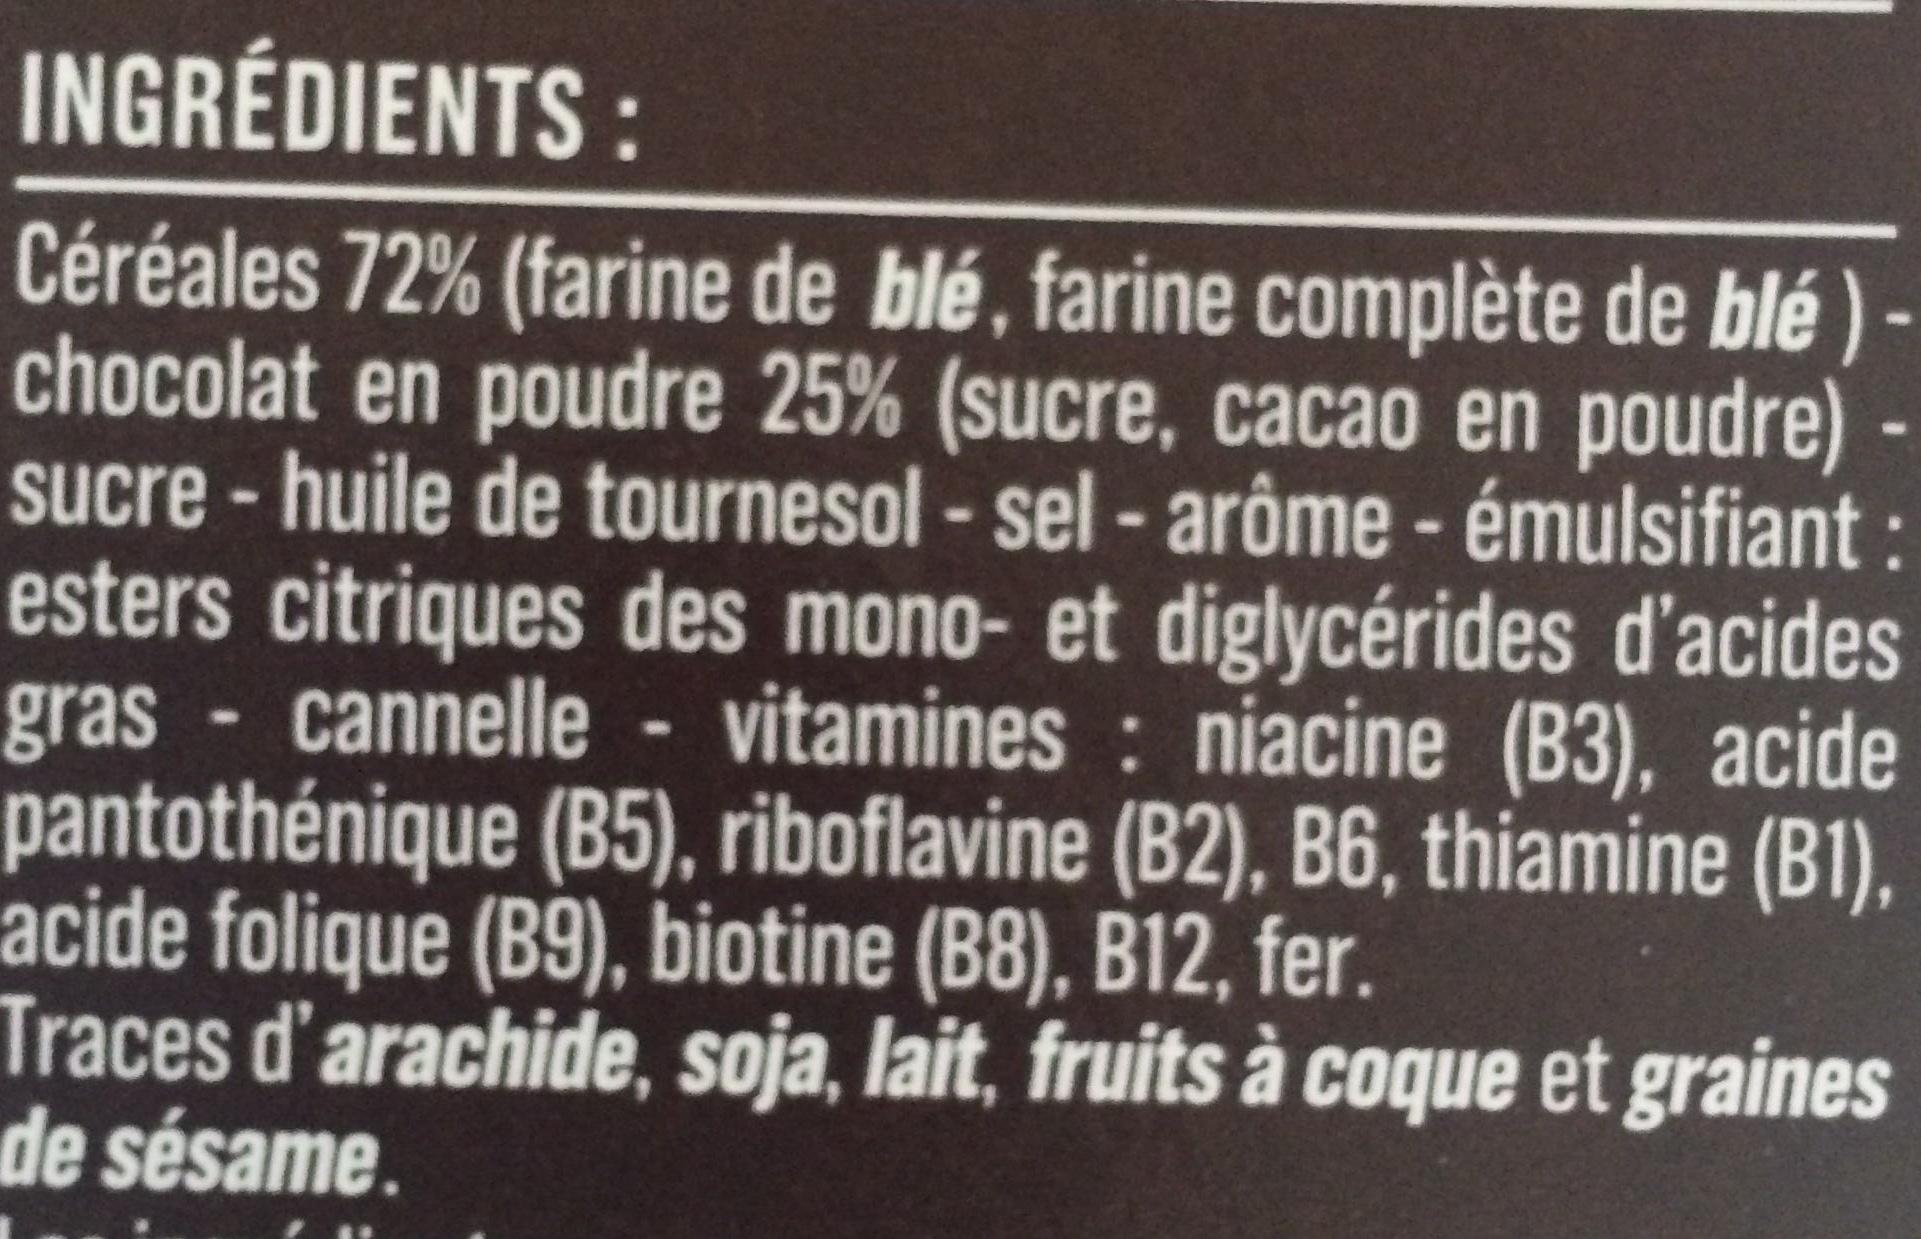 Pétales de blé au chocolat - Ingredients